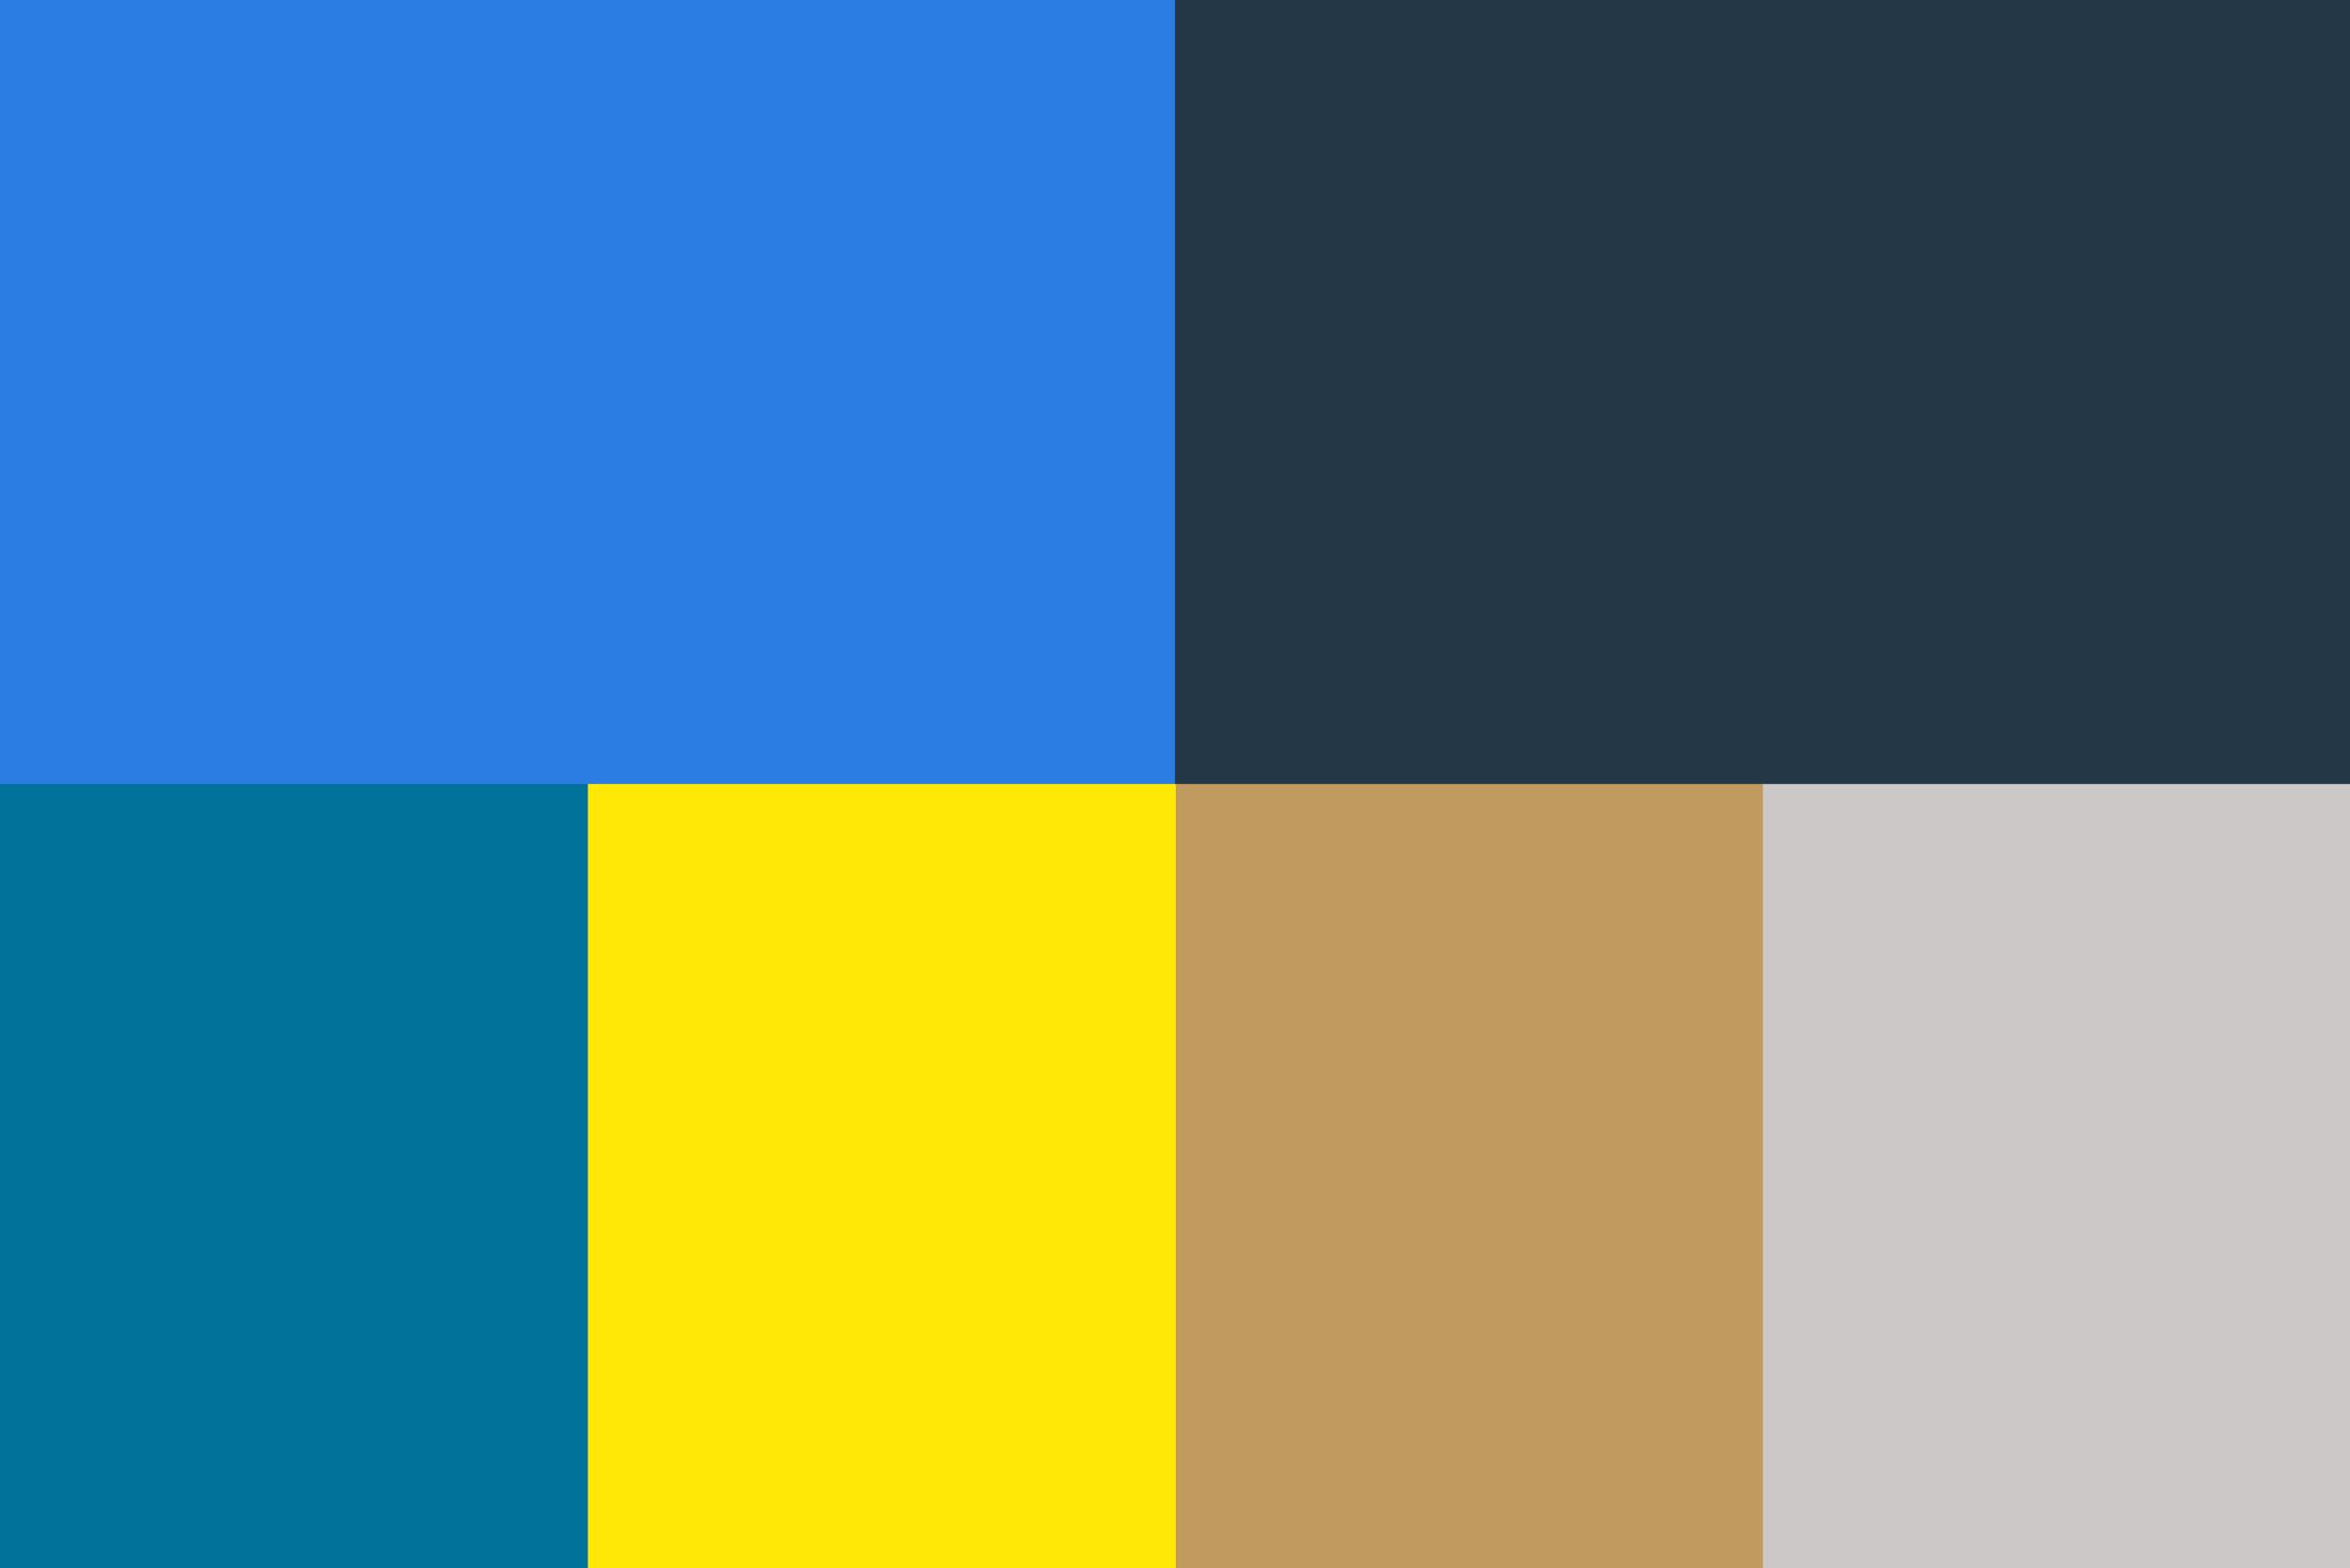 Samuel Lee Miller_Portfolio_Useful Group_Brand Colors.png